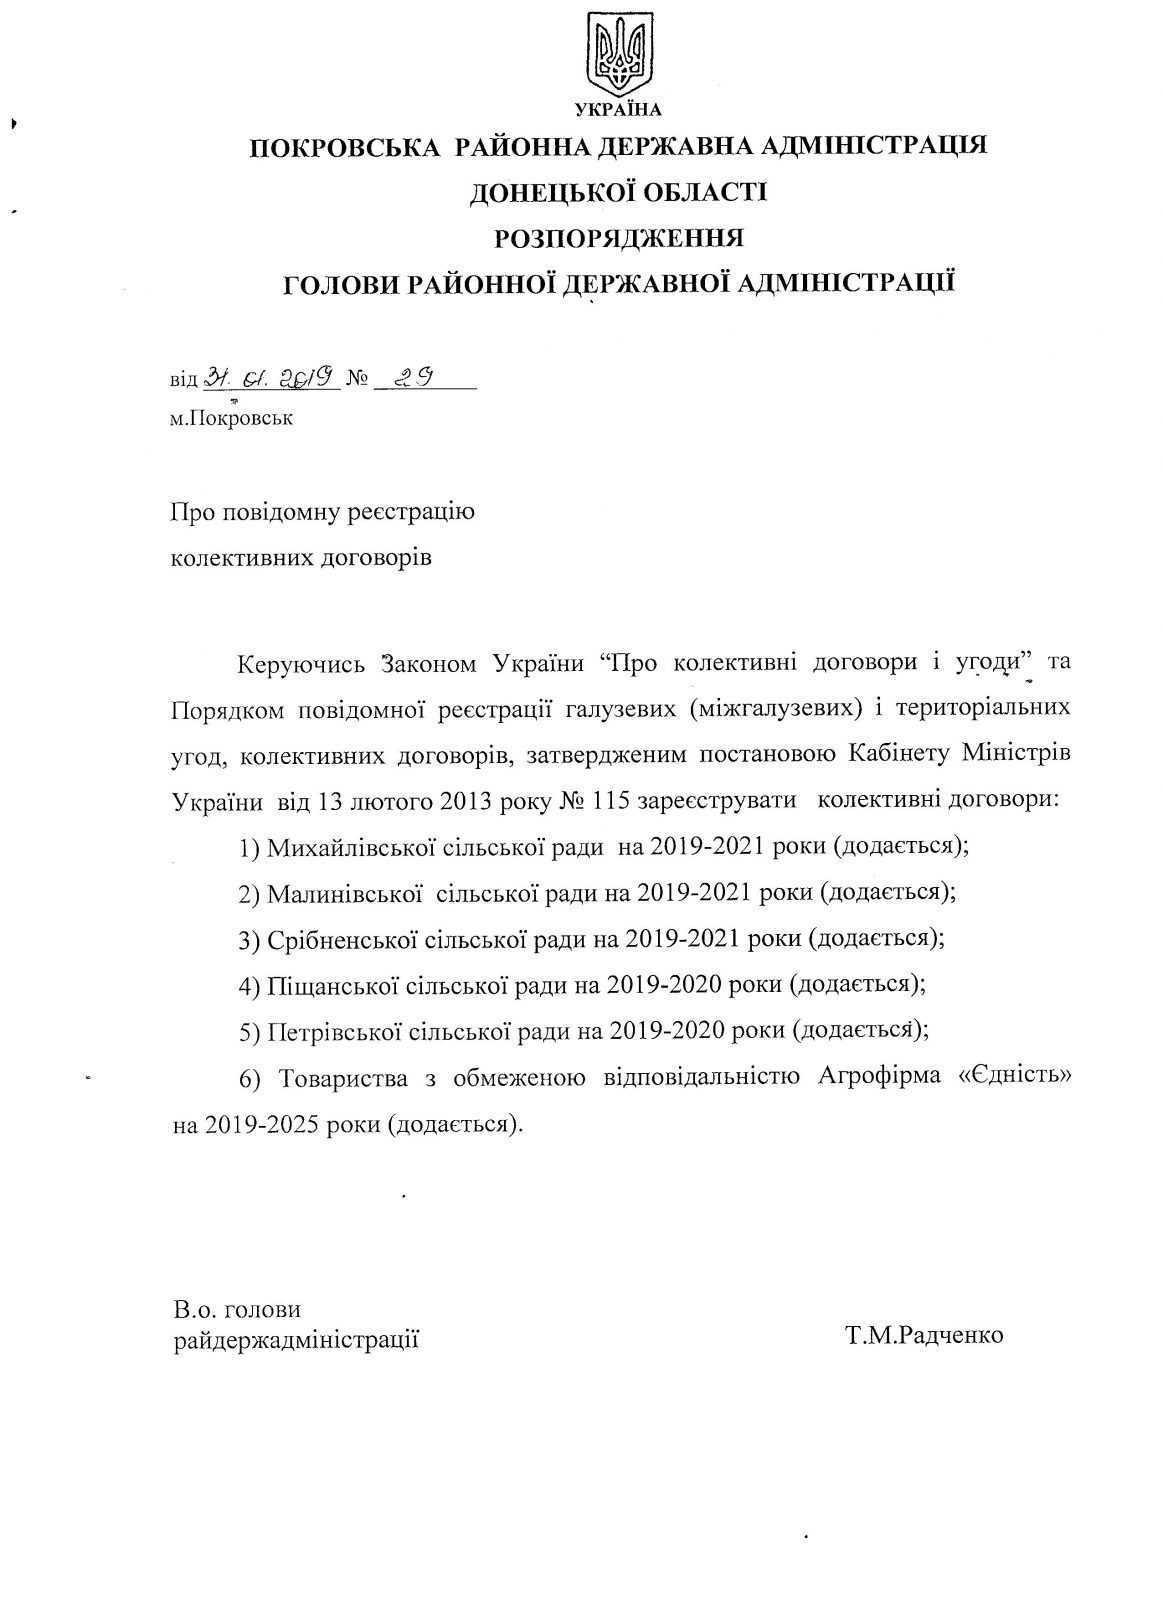 Розпорядження від 31.01.2019 № 29